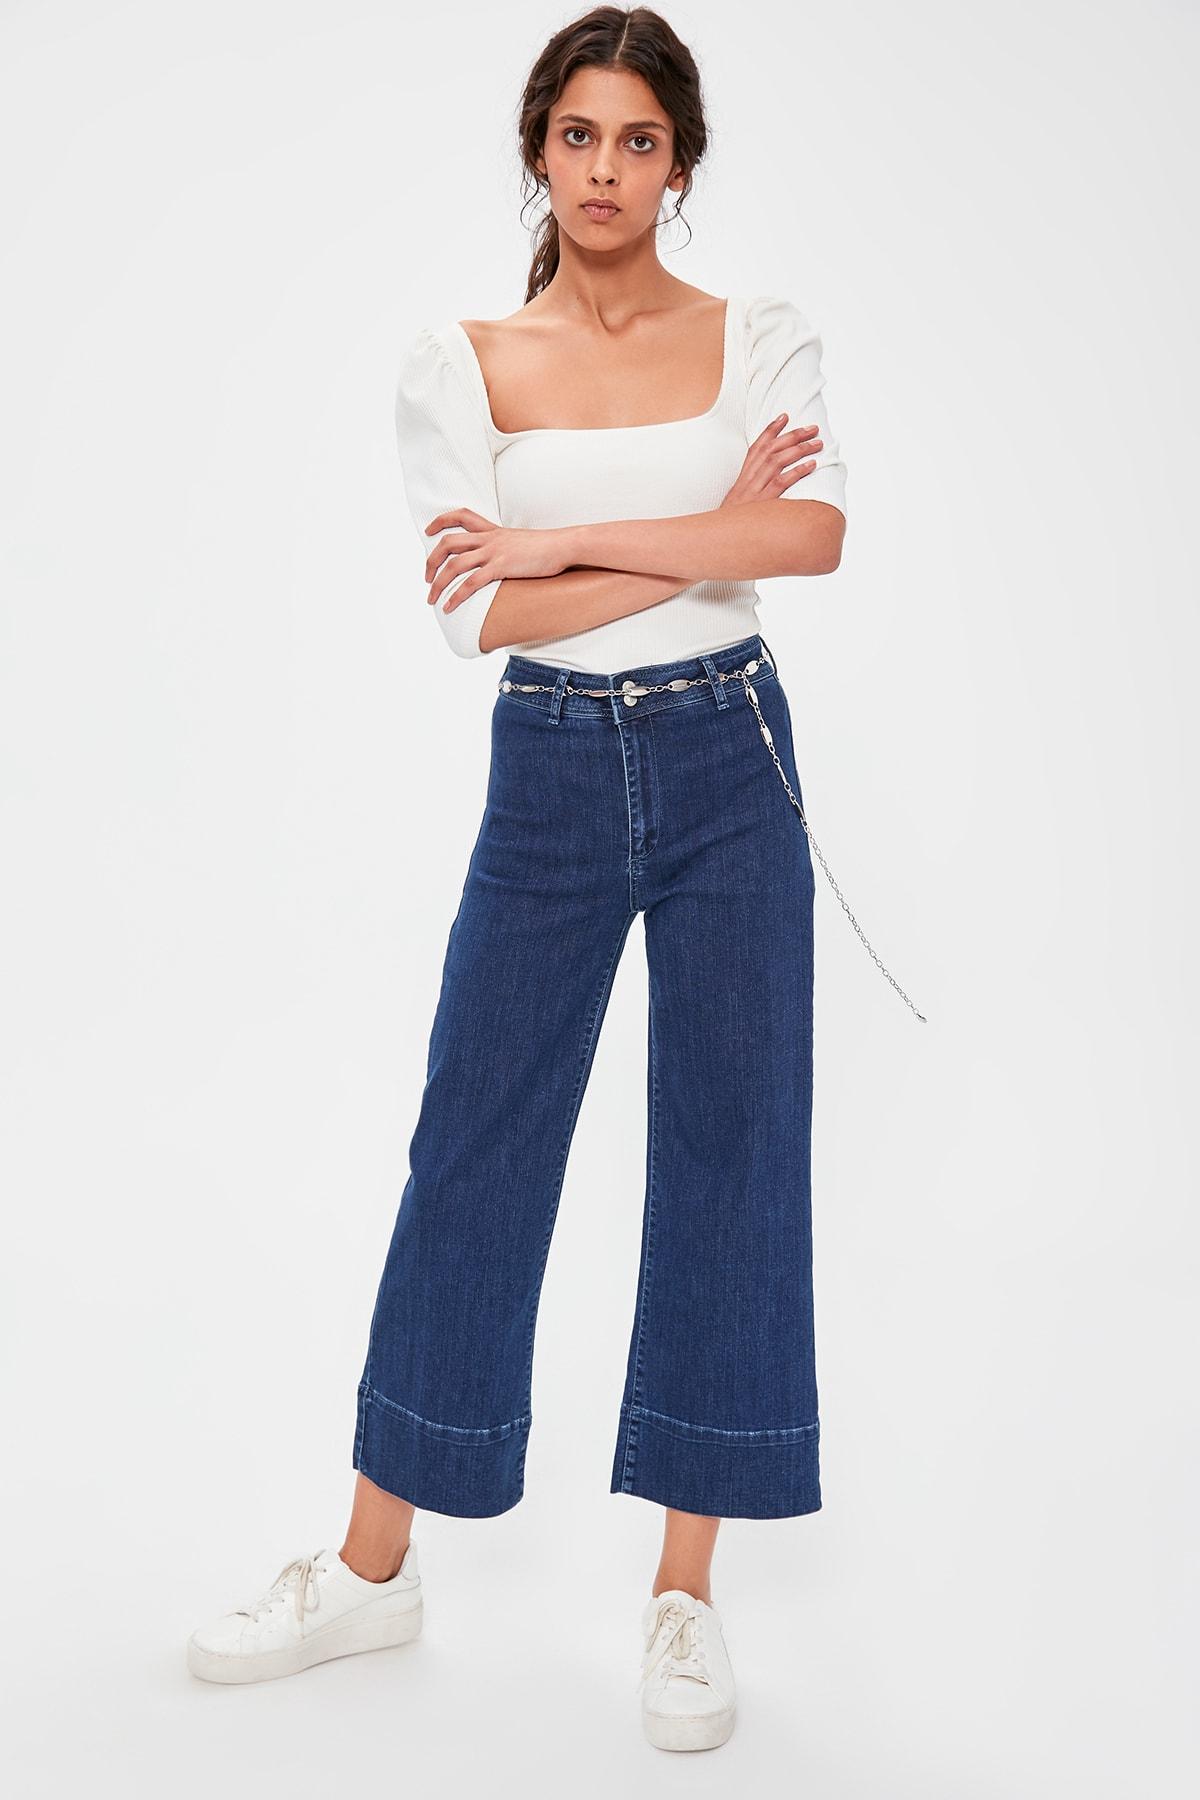 Trendyol Blue Stitch Detail High Waist Culotte Jeans TWOAW20JE0172